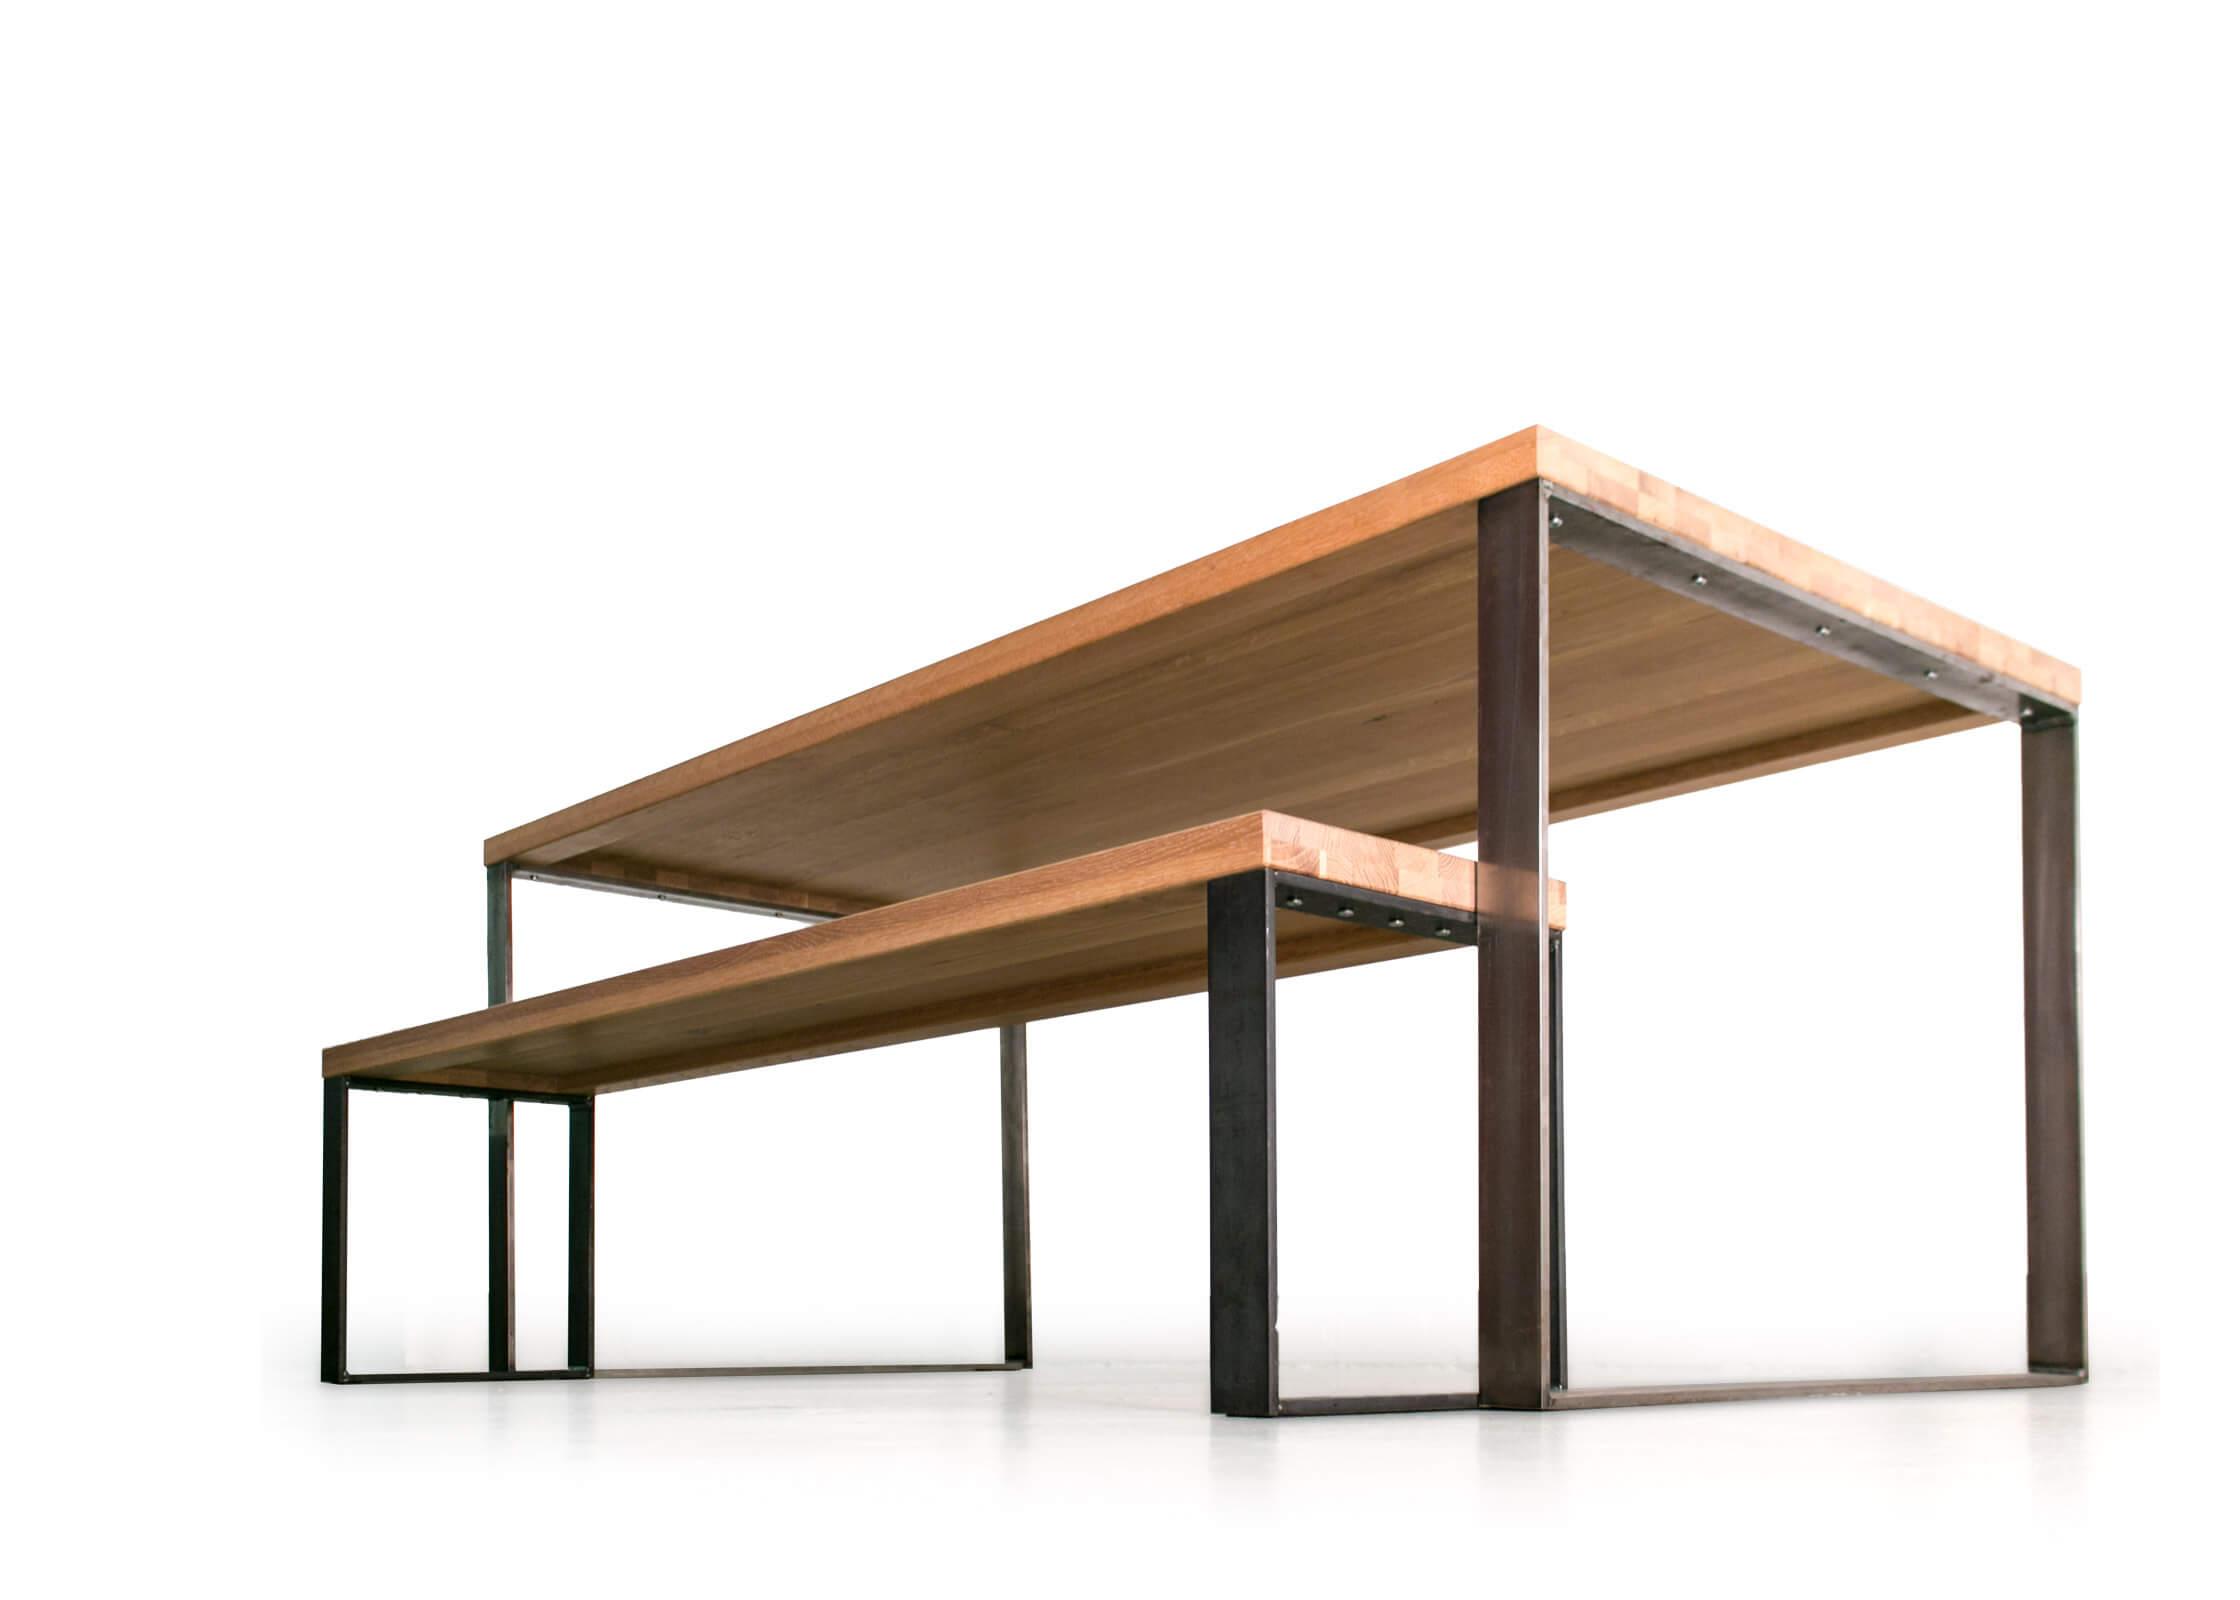 Tisch und sitzbank im industriedesign manufaktur social for Tisch industriedesign